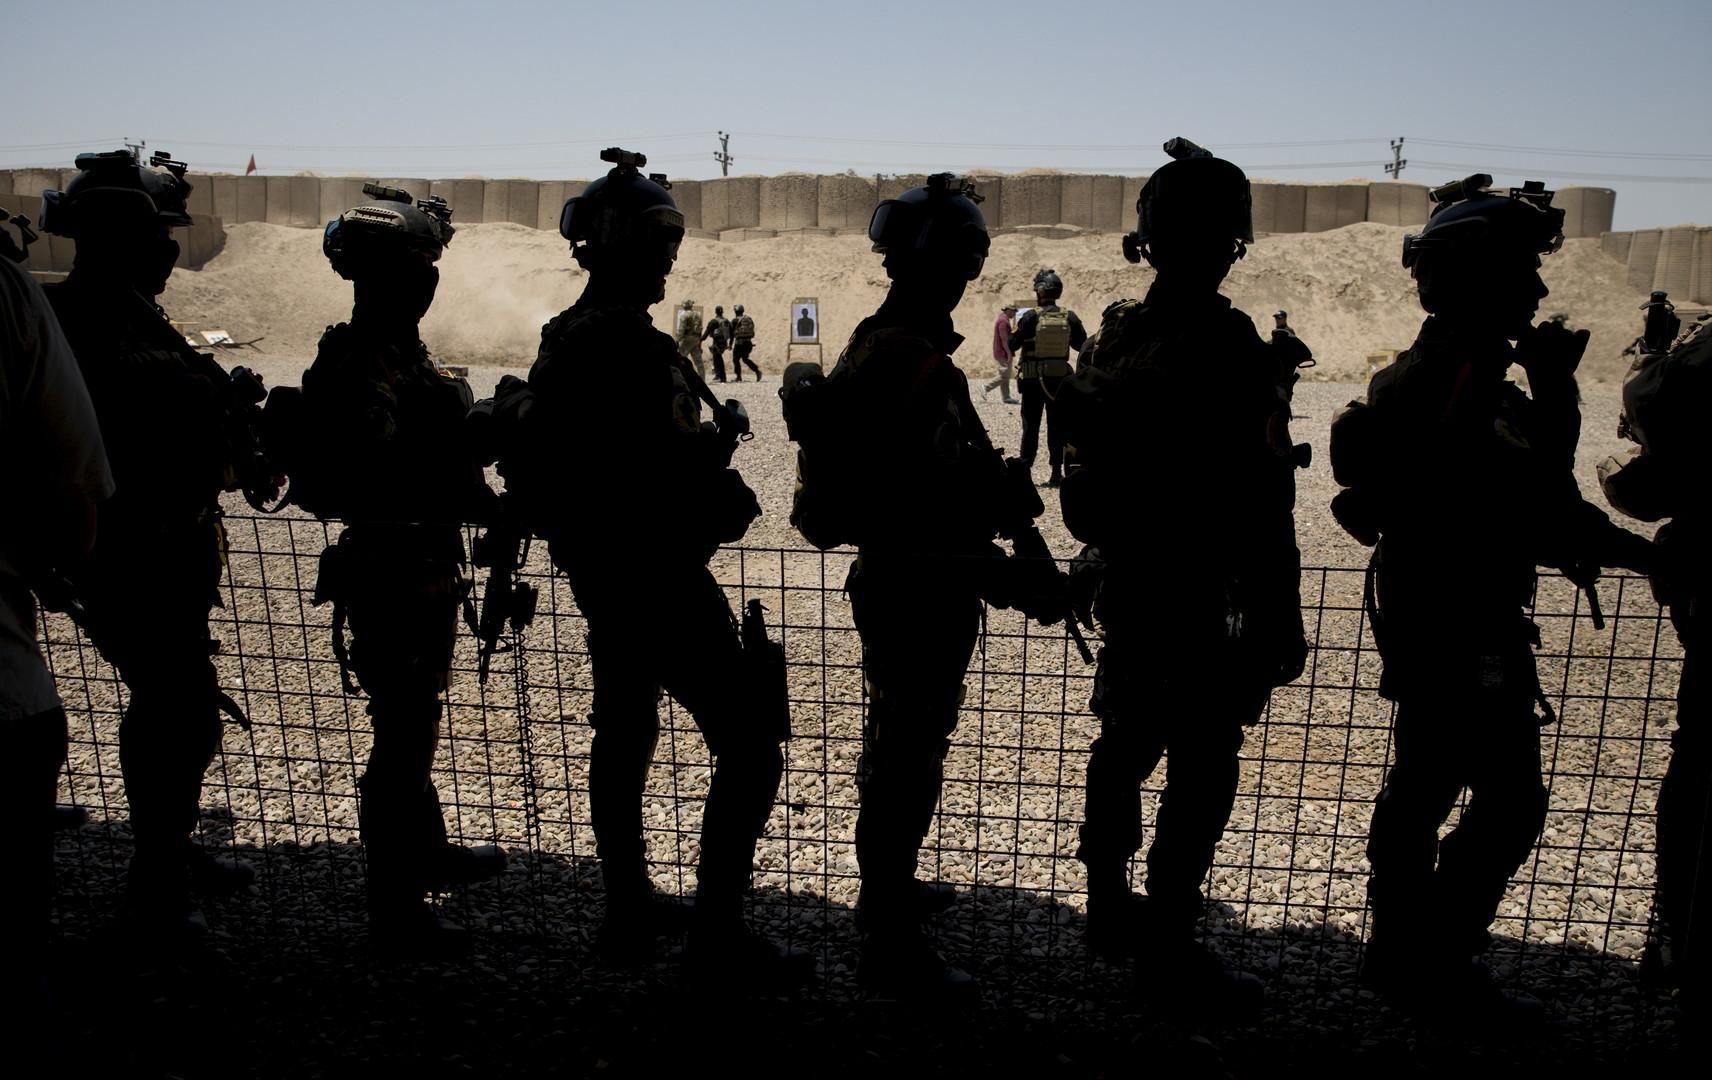 Der amerikanische Verteidigungsminister Ashton Carter besucht eine Ausbildungseinheit für die irakische Armee im Juli 2015.